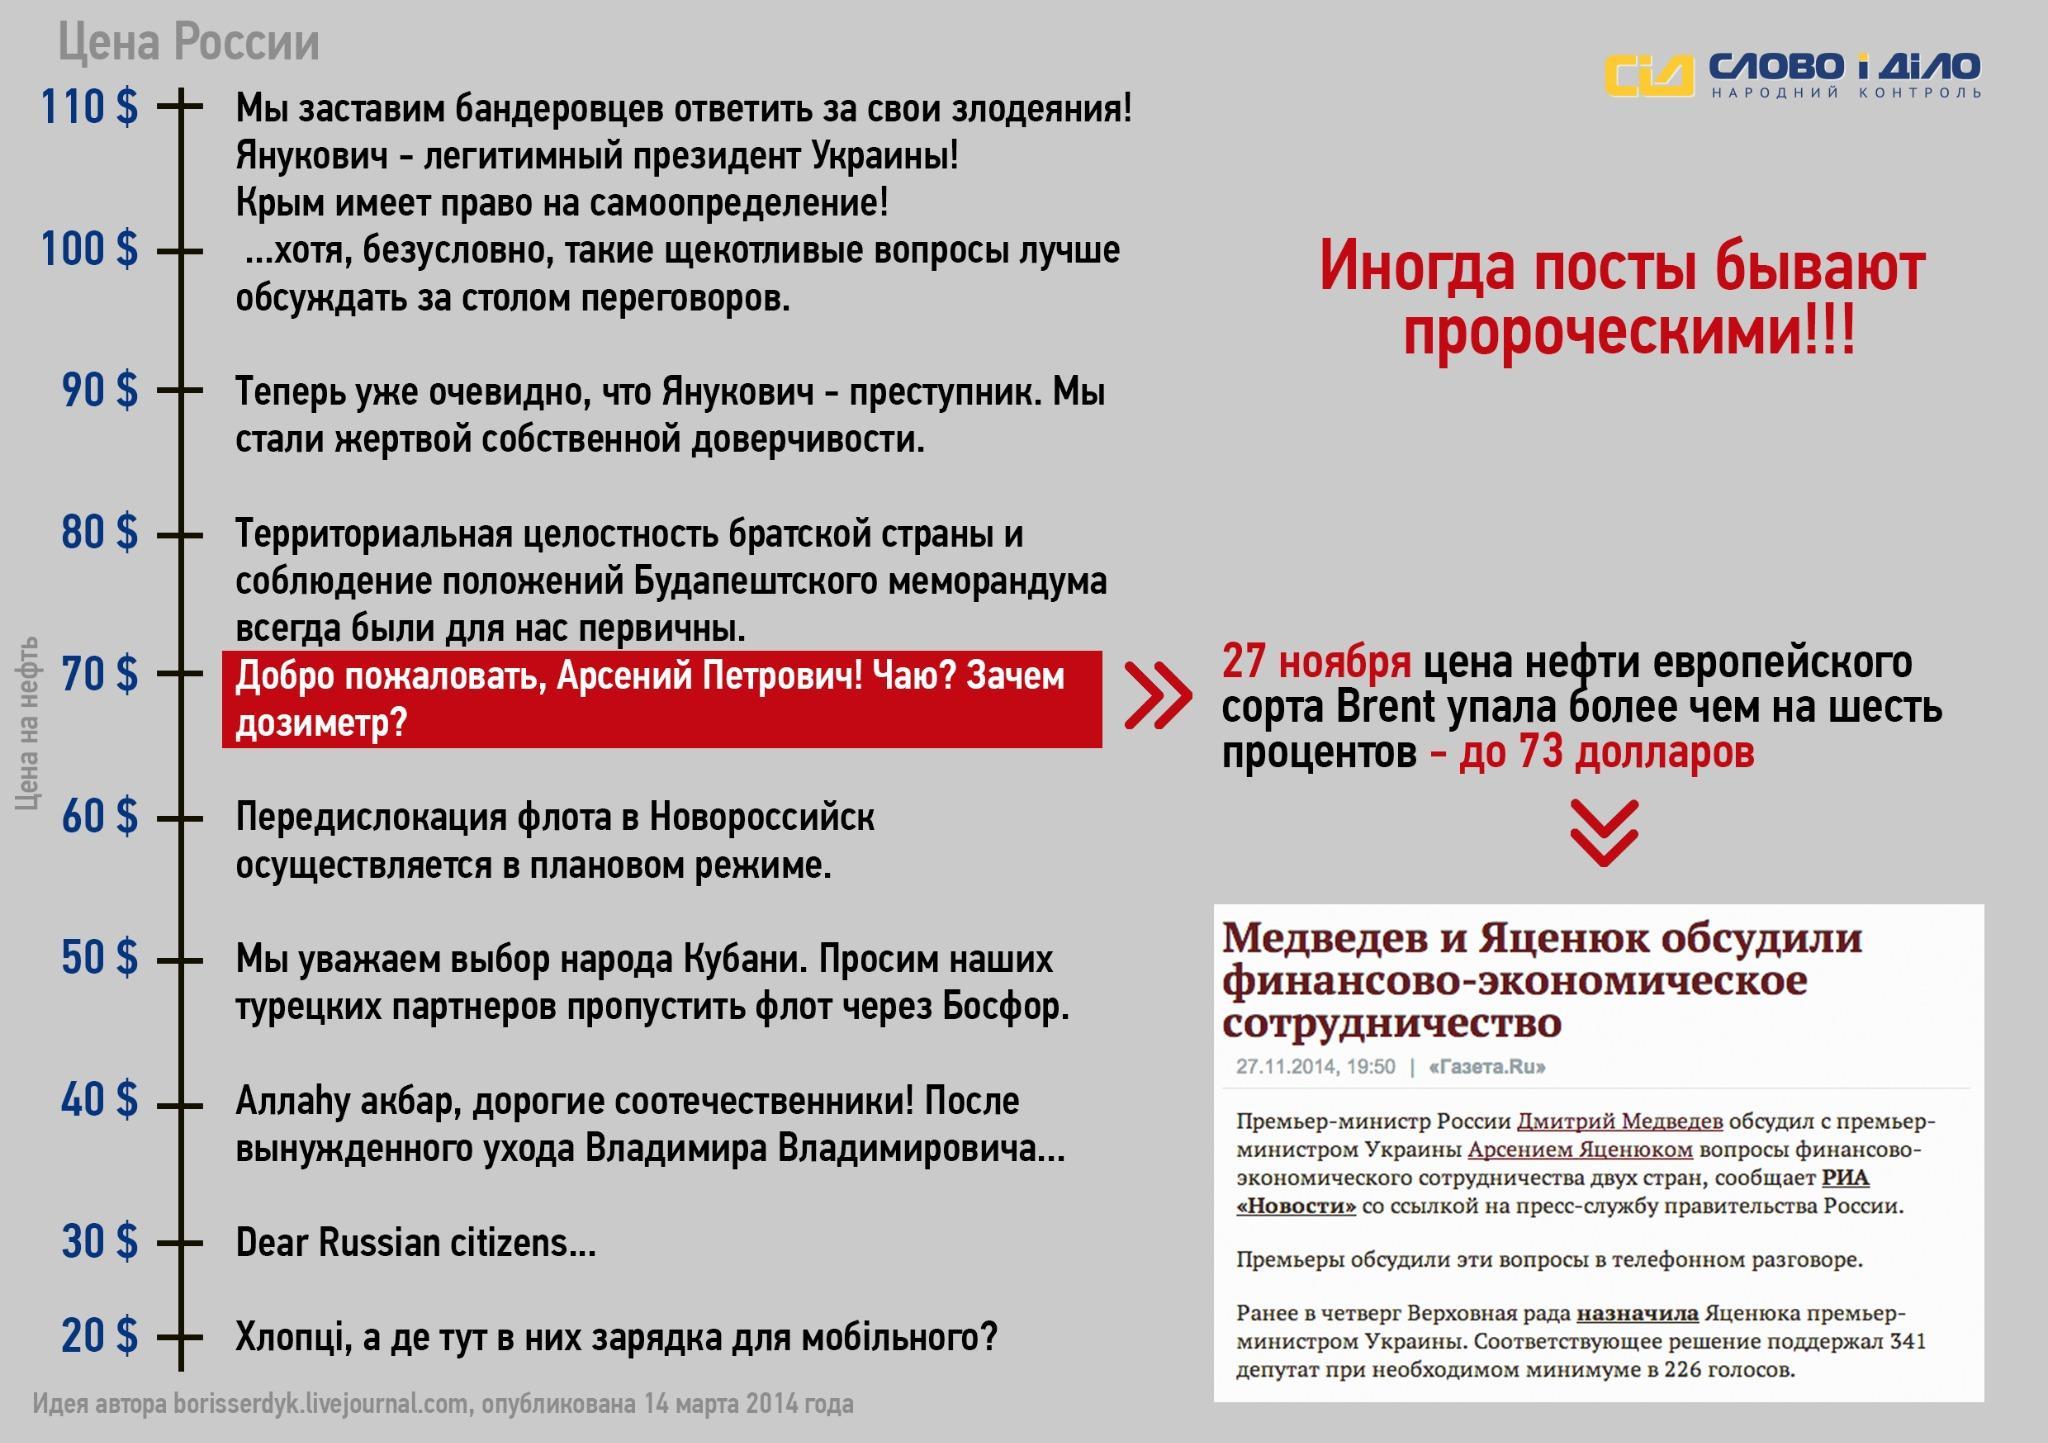 """Глава Госдумы надеется на """"конструктивный диалог"""" с новой Радой - Цензор.НЕТ 2014"""